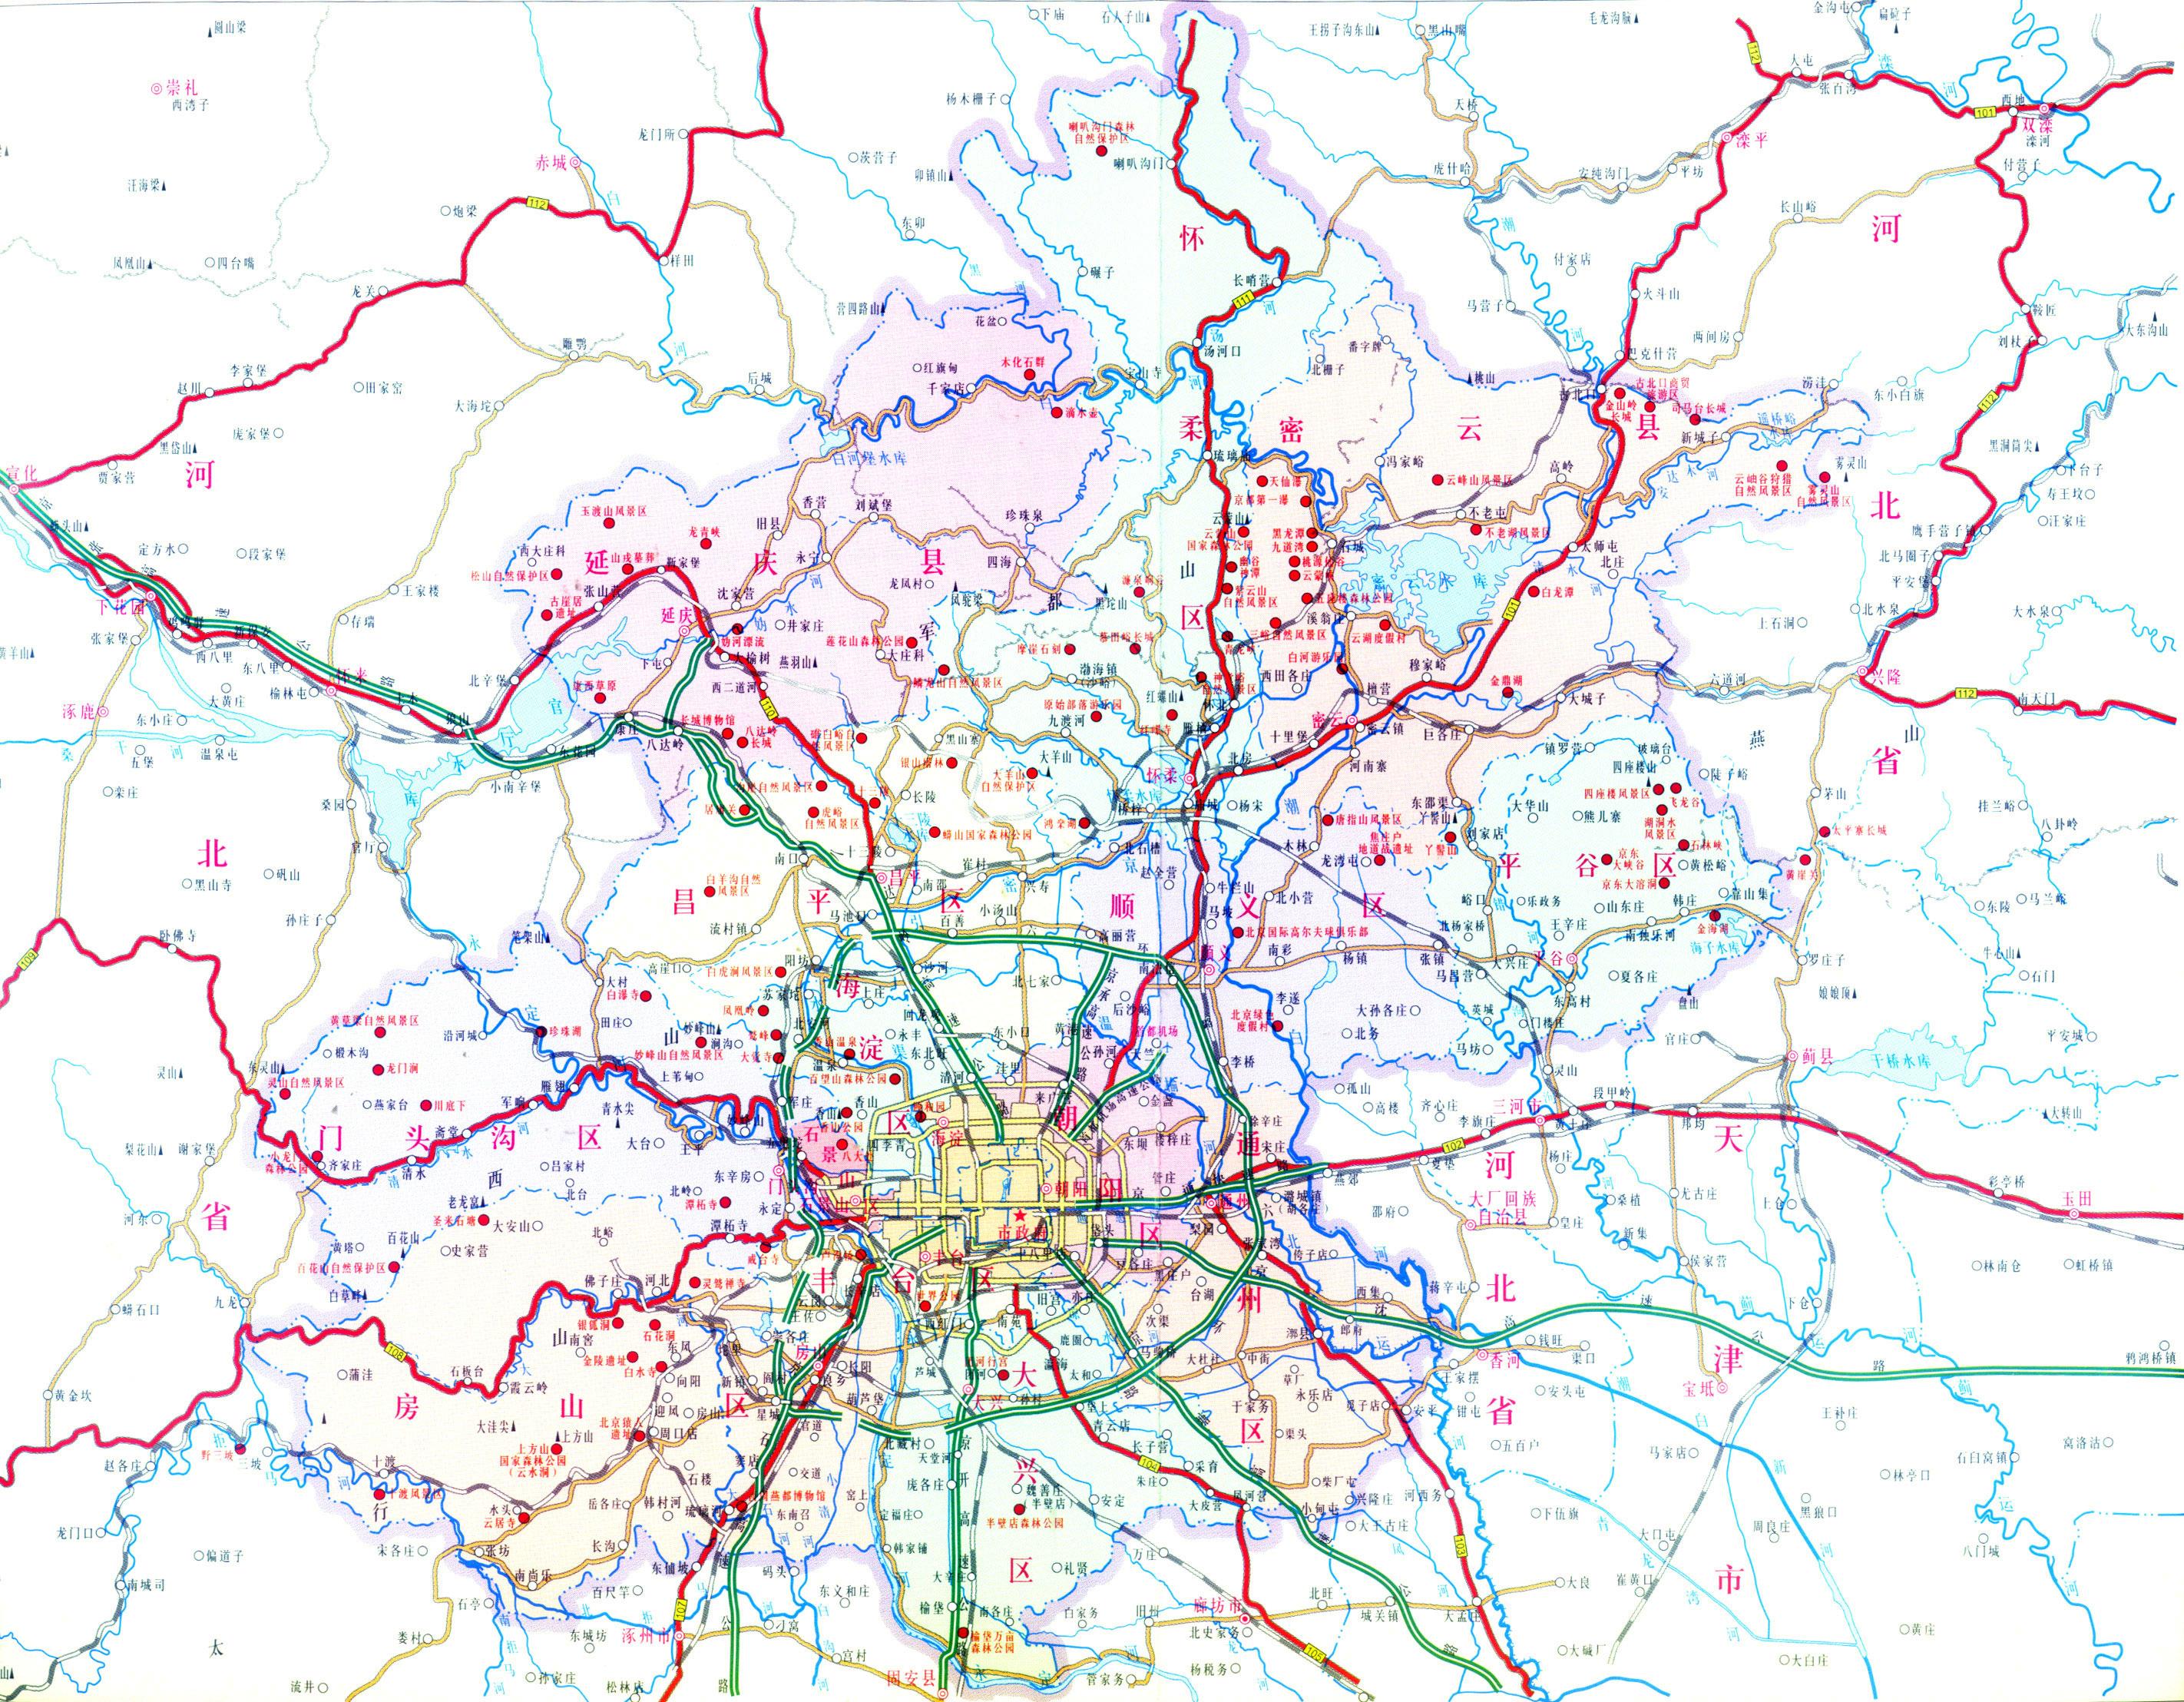 北京市旅游景点大全_北京旅游地图库